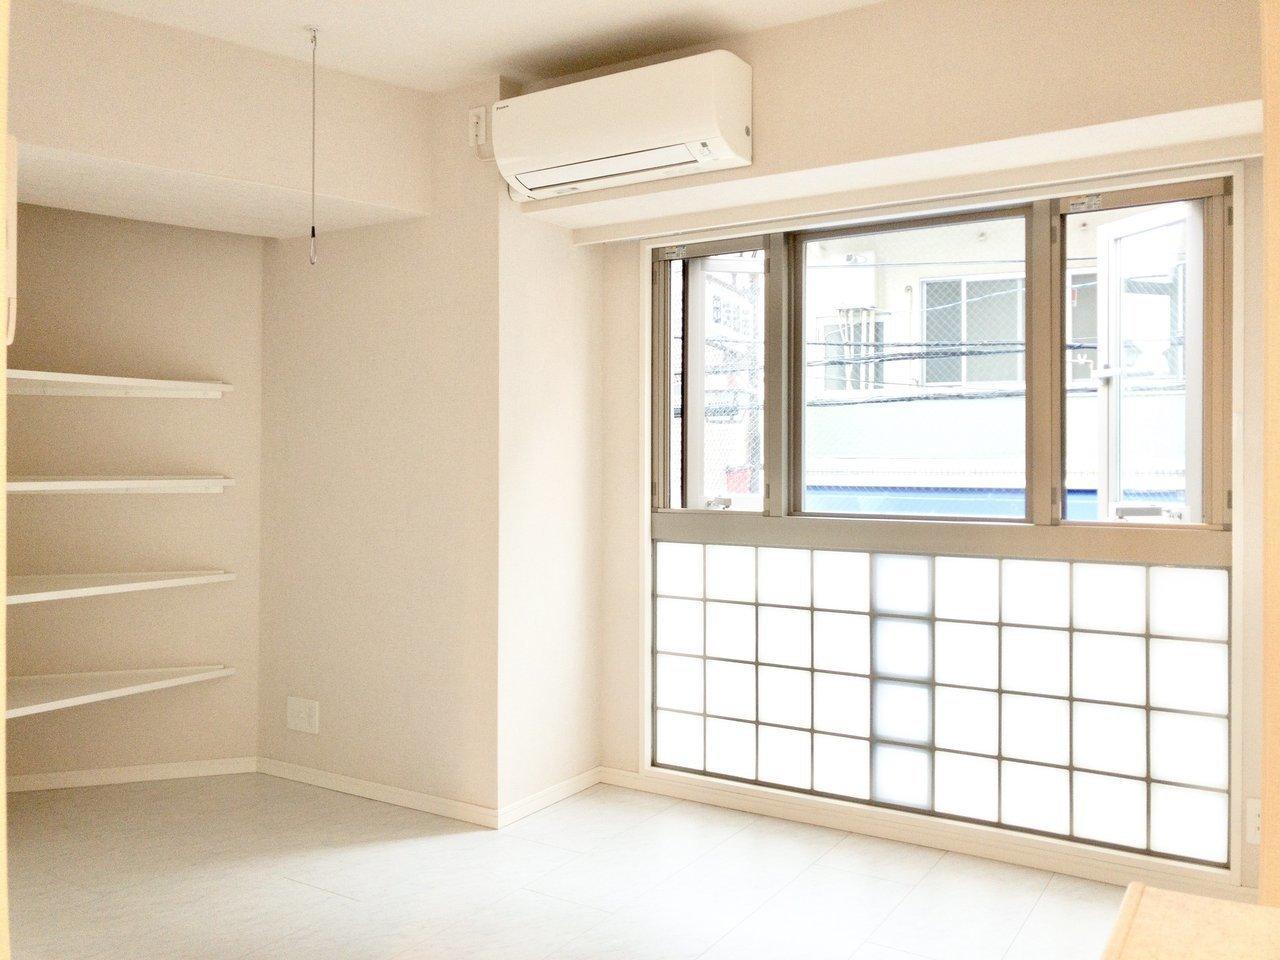 ホワイト×ガラスブロックの組み合わせはキュート。差し込む日差しを柔らかな印象にしてくれそう。